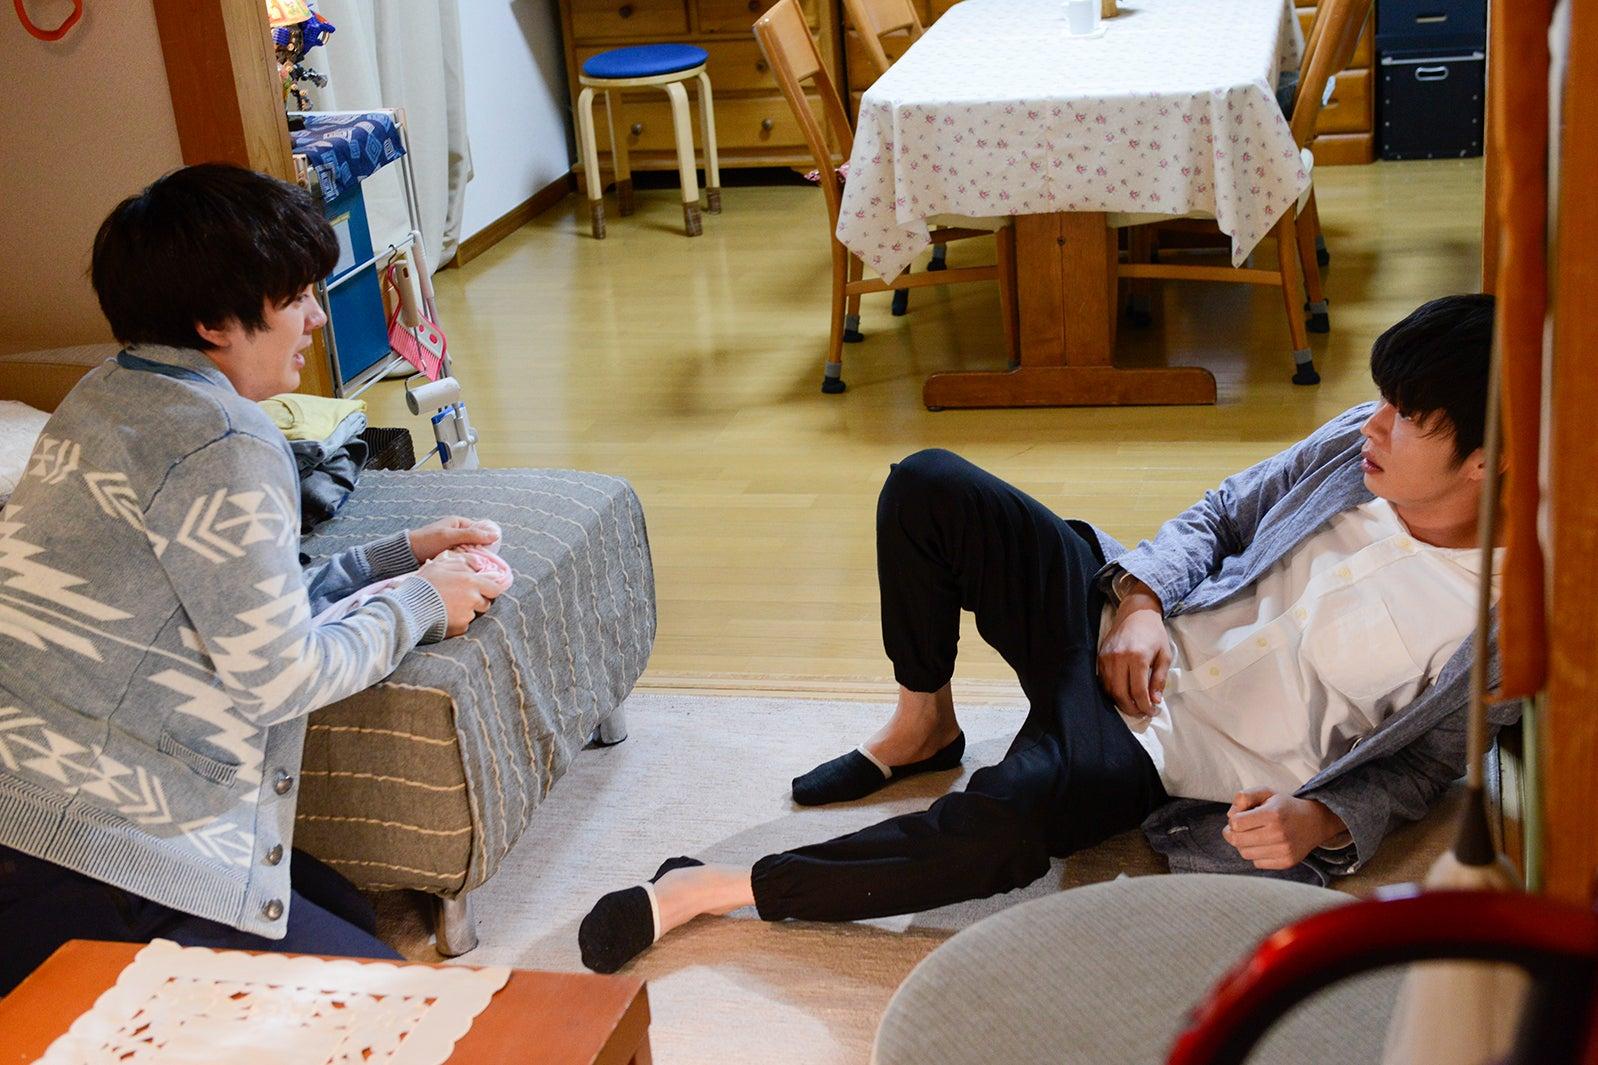 林遣都、田中圭/「おっさんずラブ」第6話より